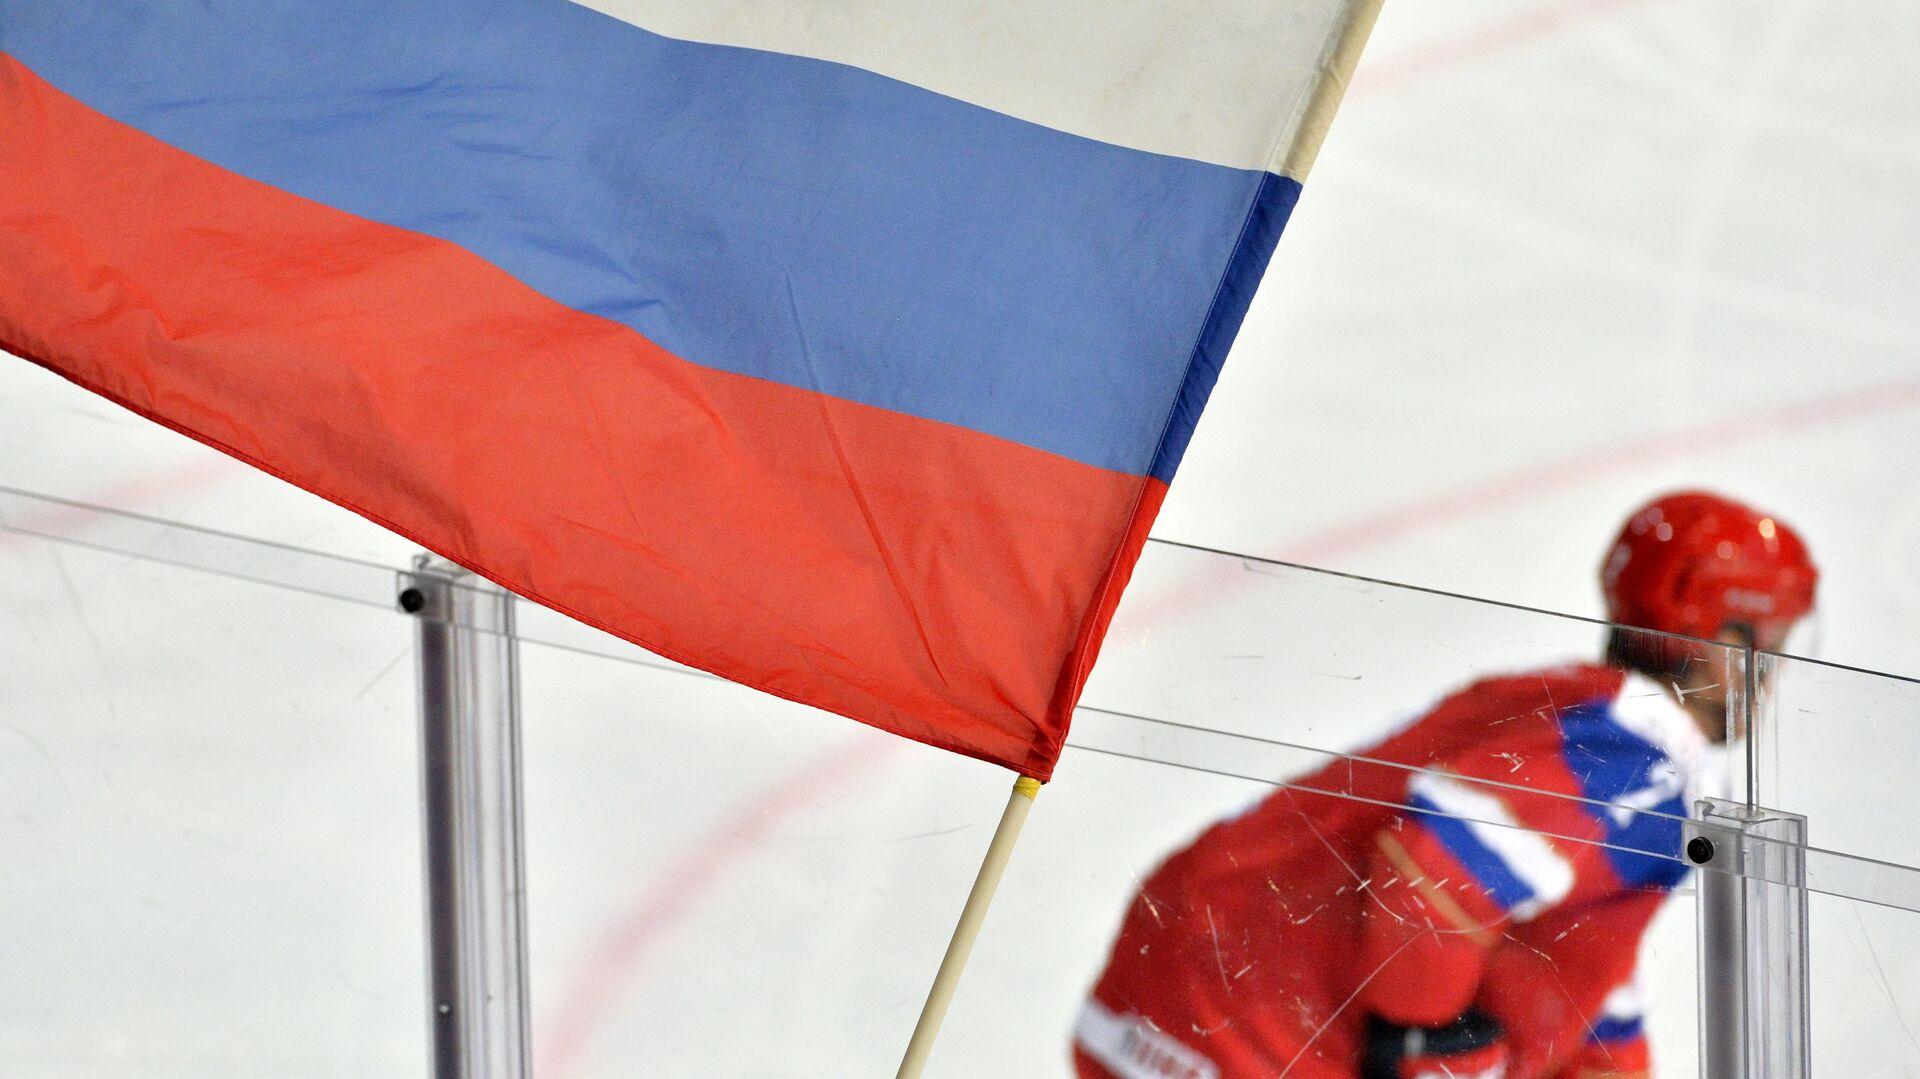 Болельщик сборной России держит флаг во время хоккейного матча - РИА Новости, 1920, 01.05.2021